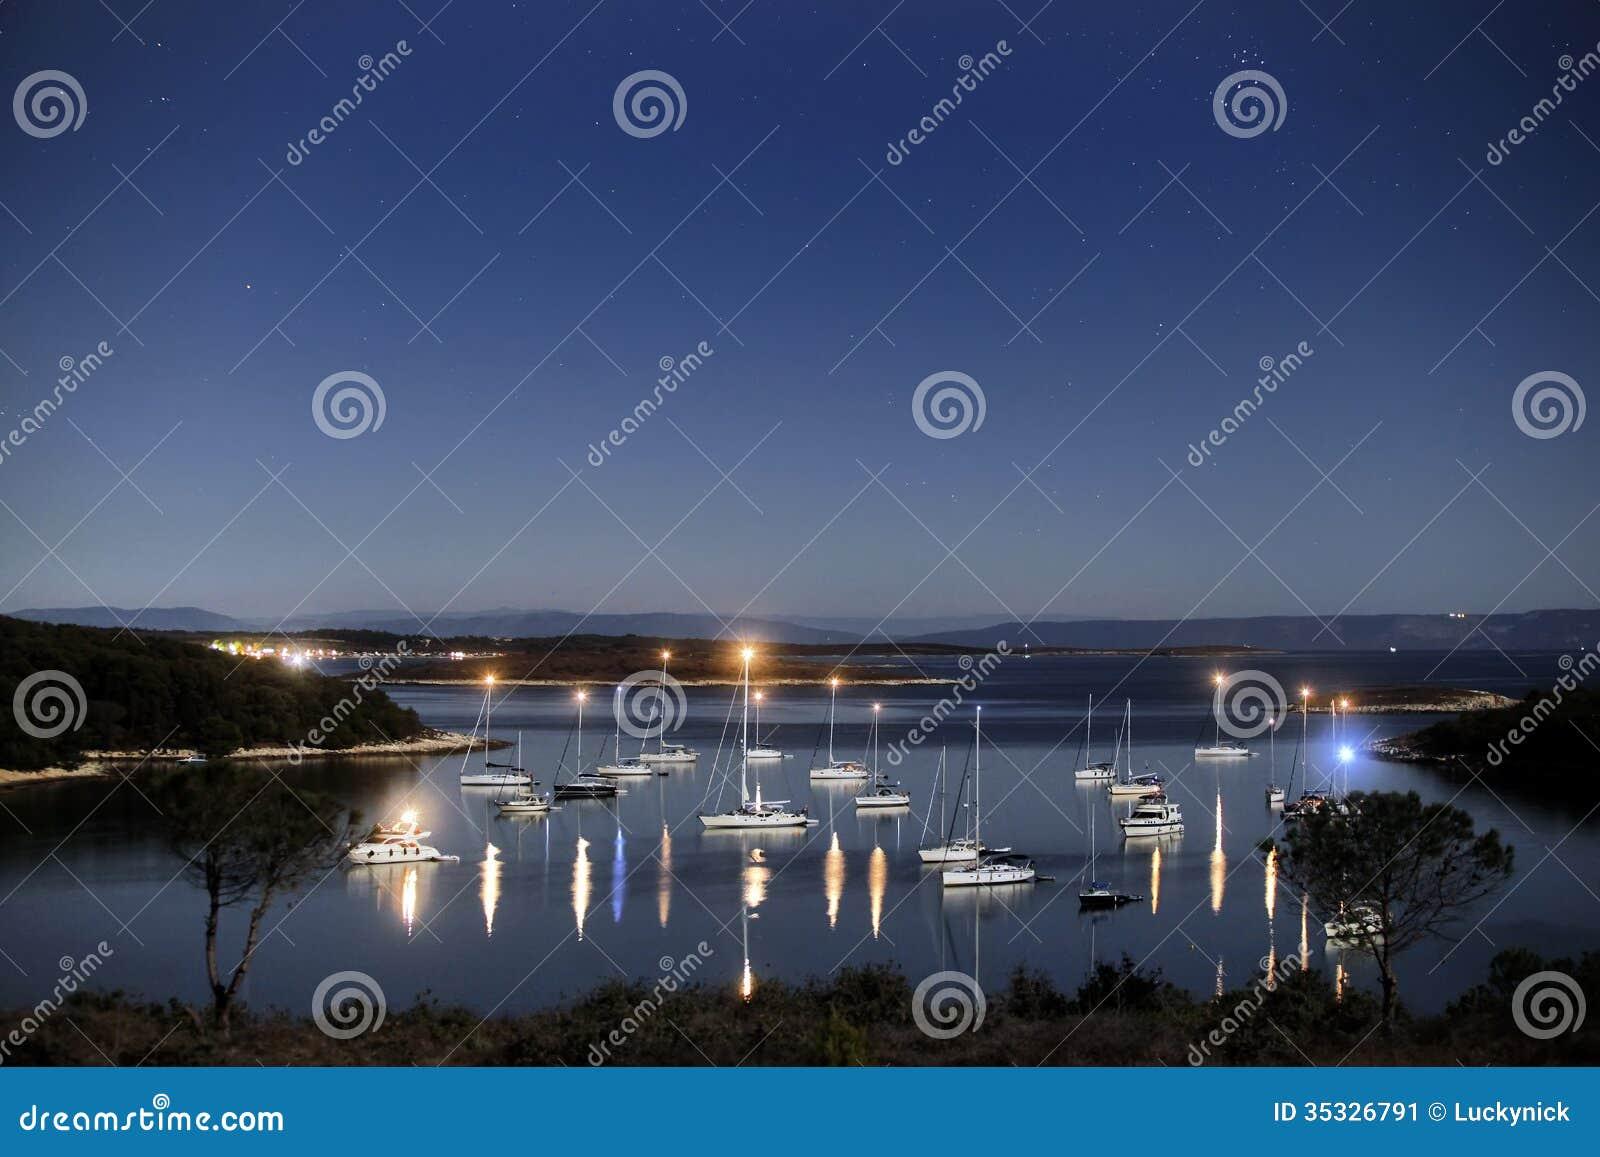 Lagoon date night in Perth